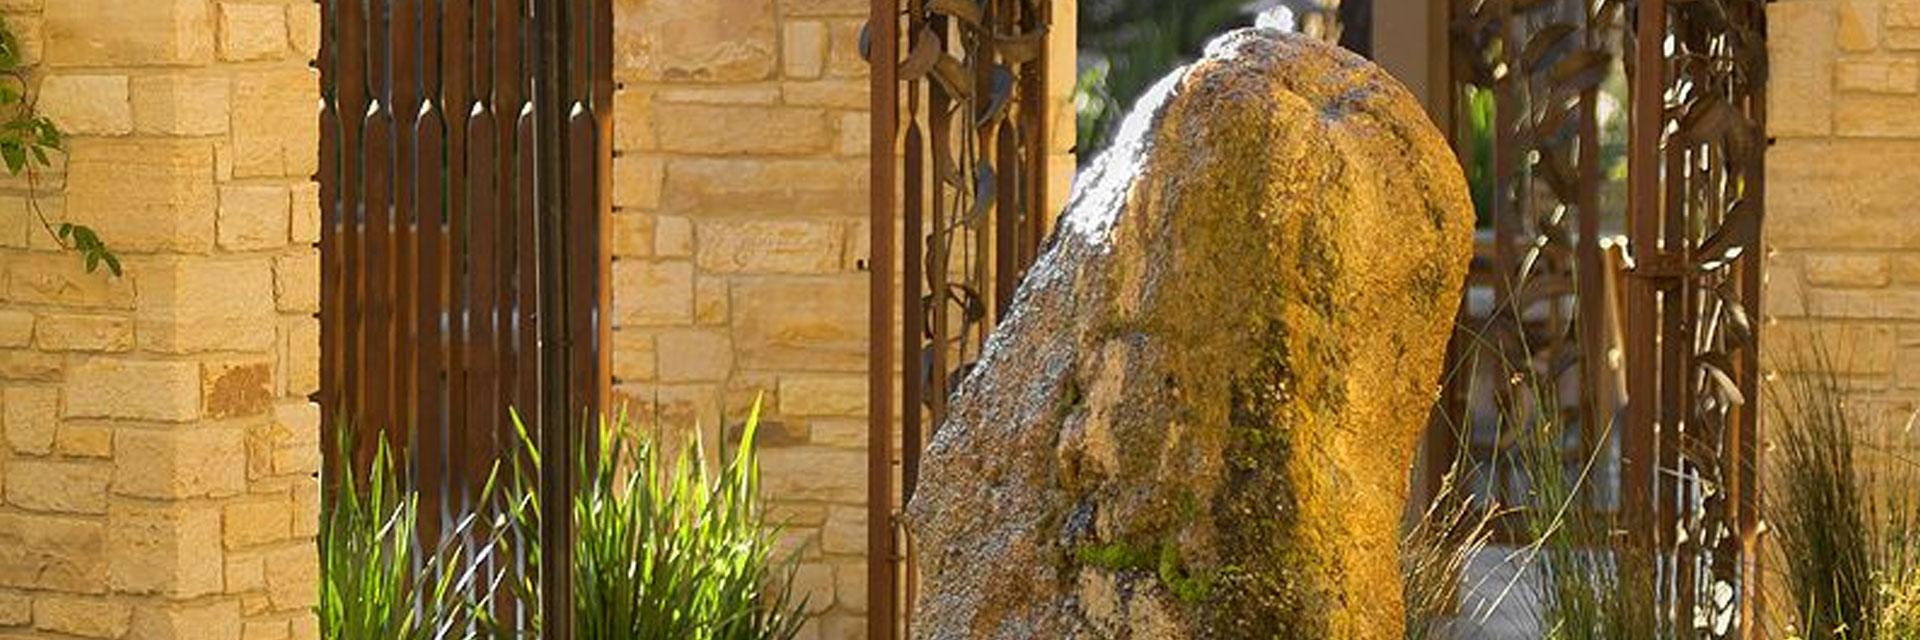 Plan Your Event at Casa Munras Garden Hotel Spa, Monterey